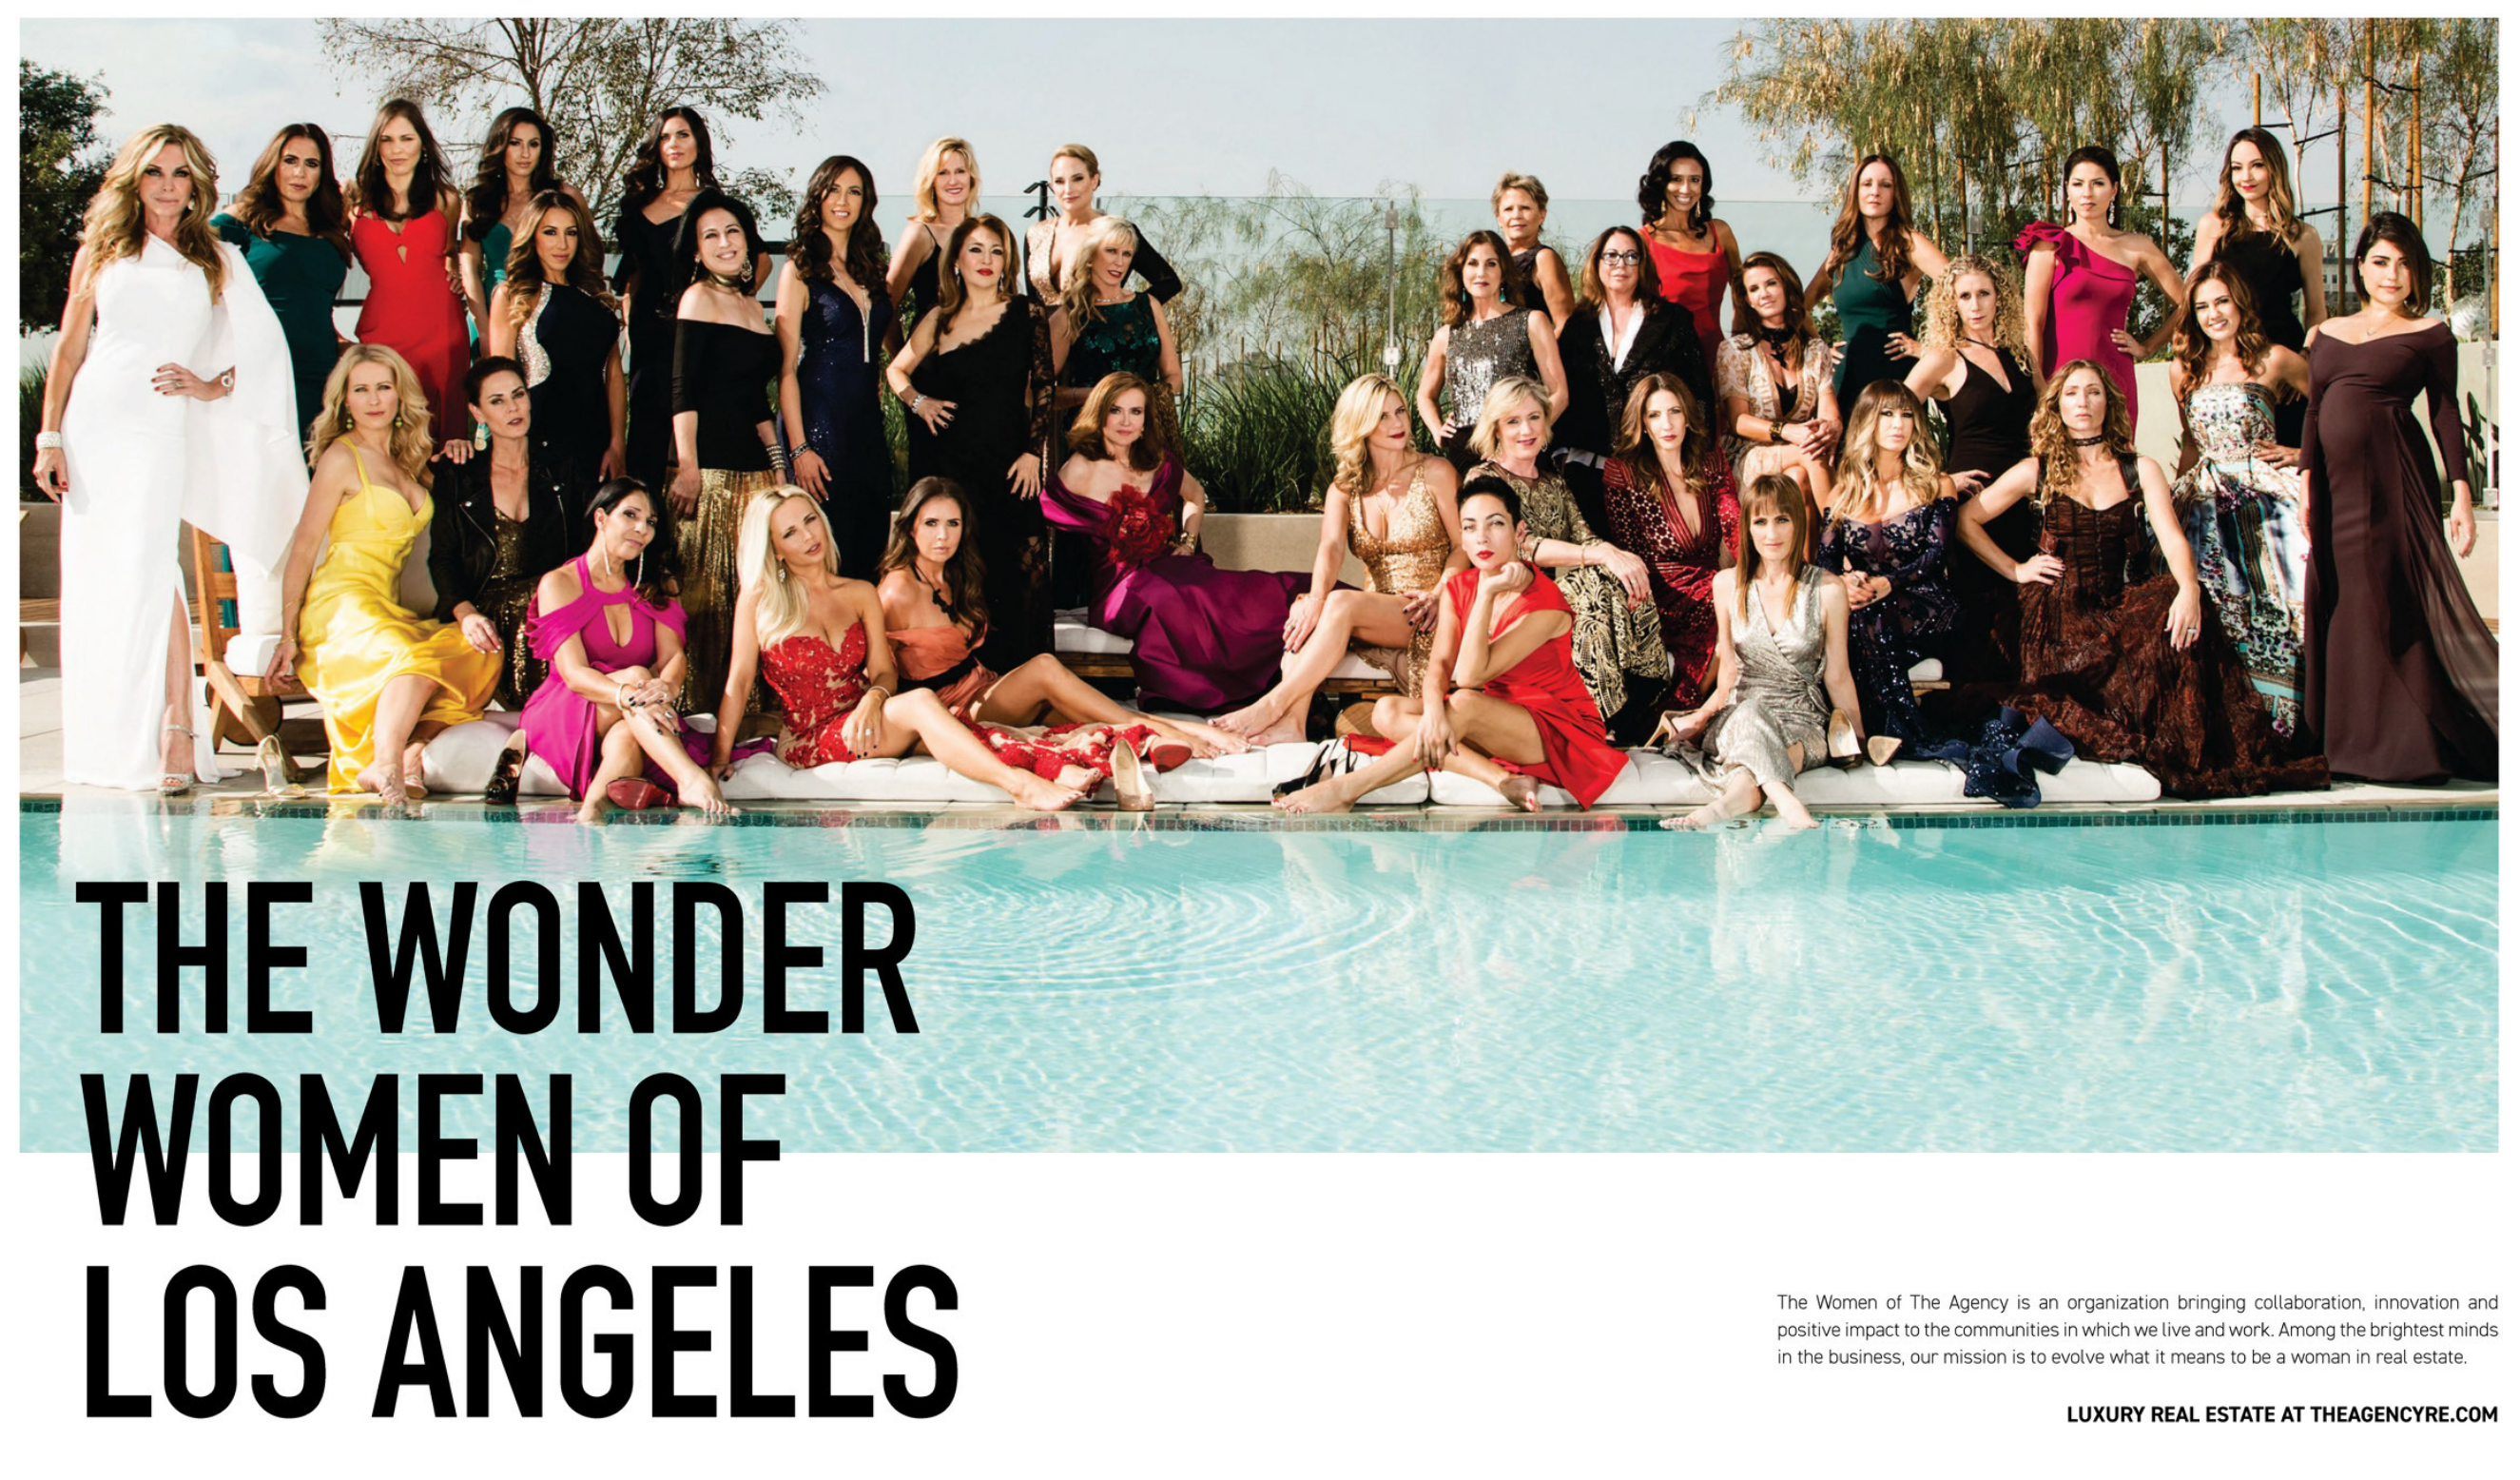 The Agency Women